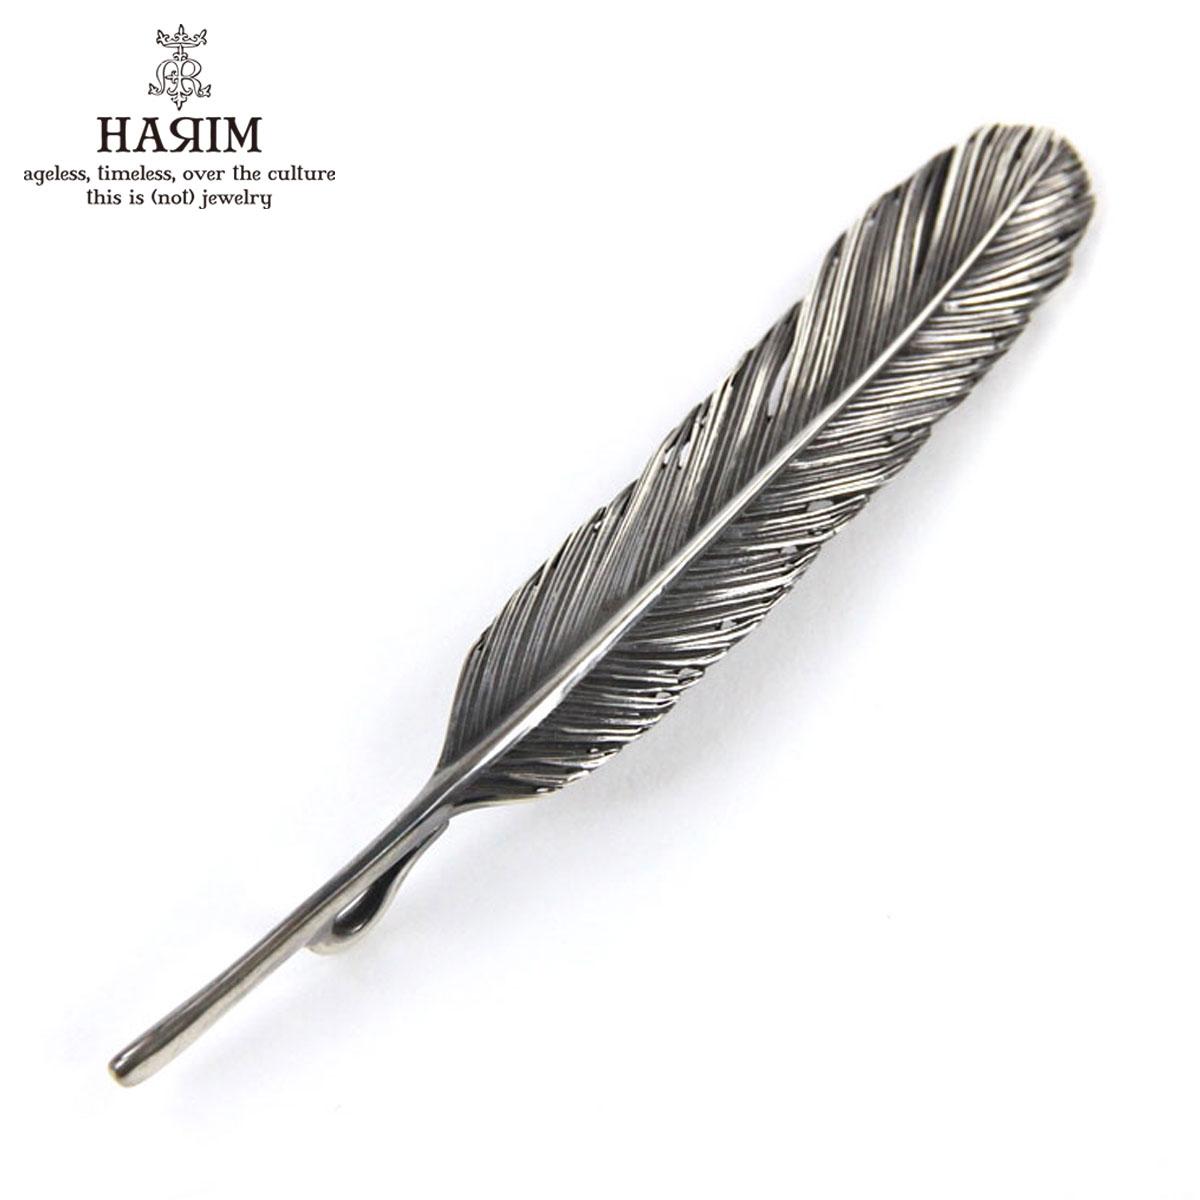 ハリム HARIM ペンダントトップ(チェーン別売り) HARIM FEATHER LEFT L HRT002 WH/OX SILVER 925 OXIDIZED BLACK